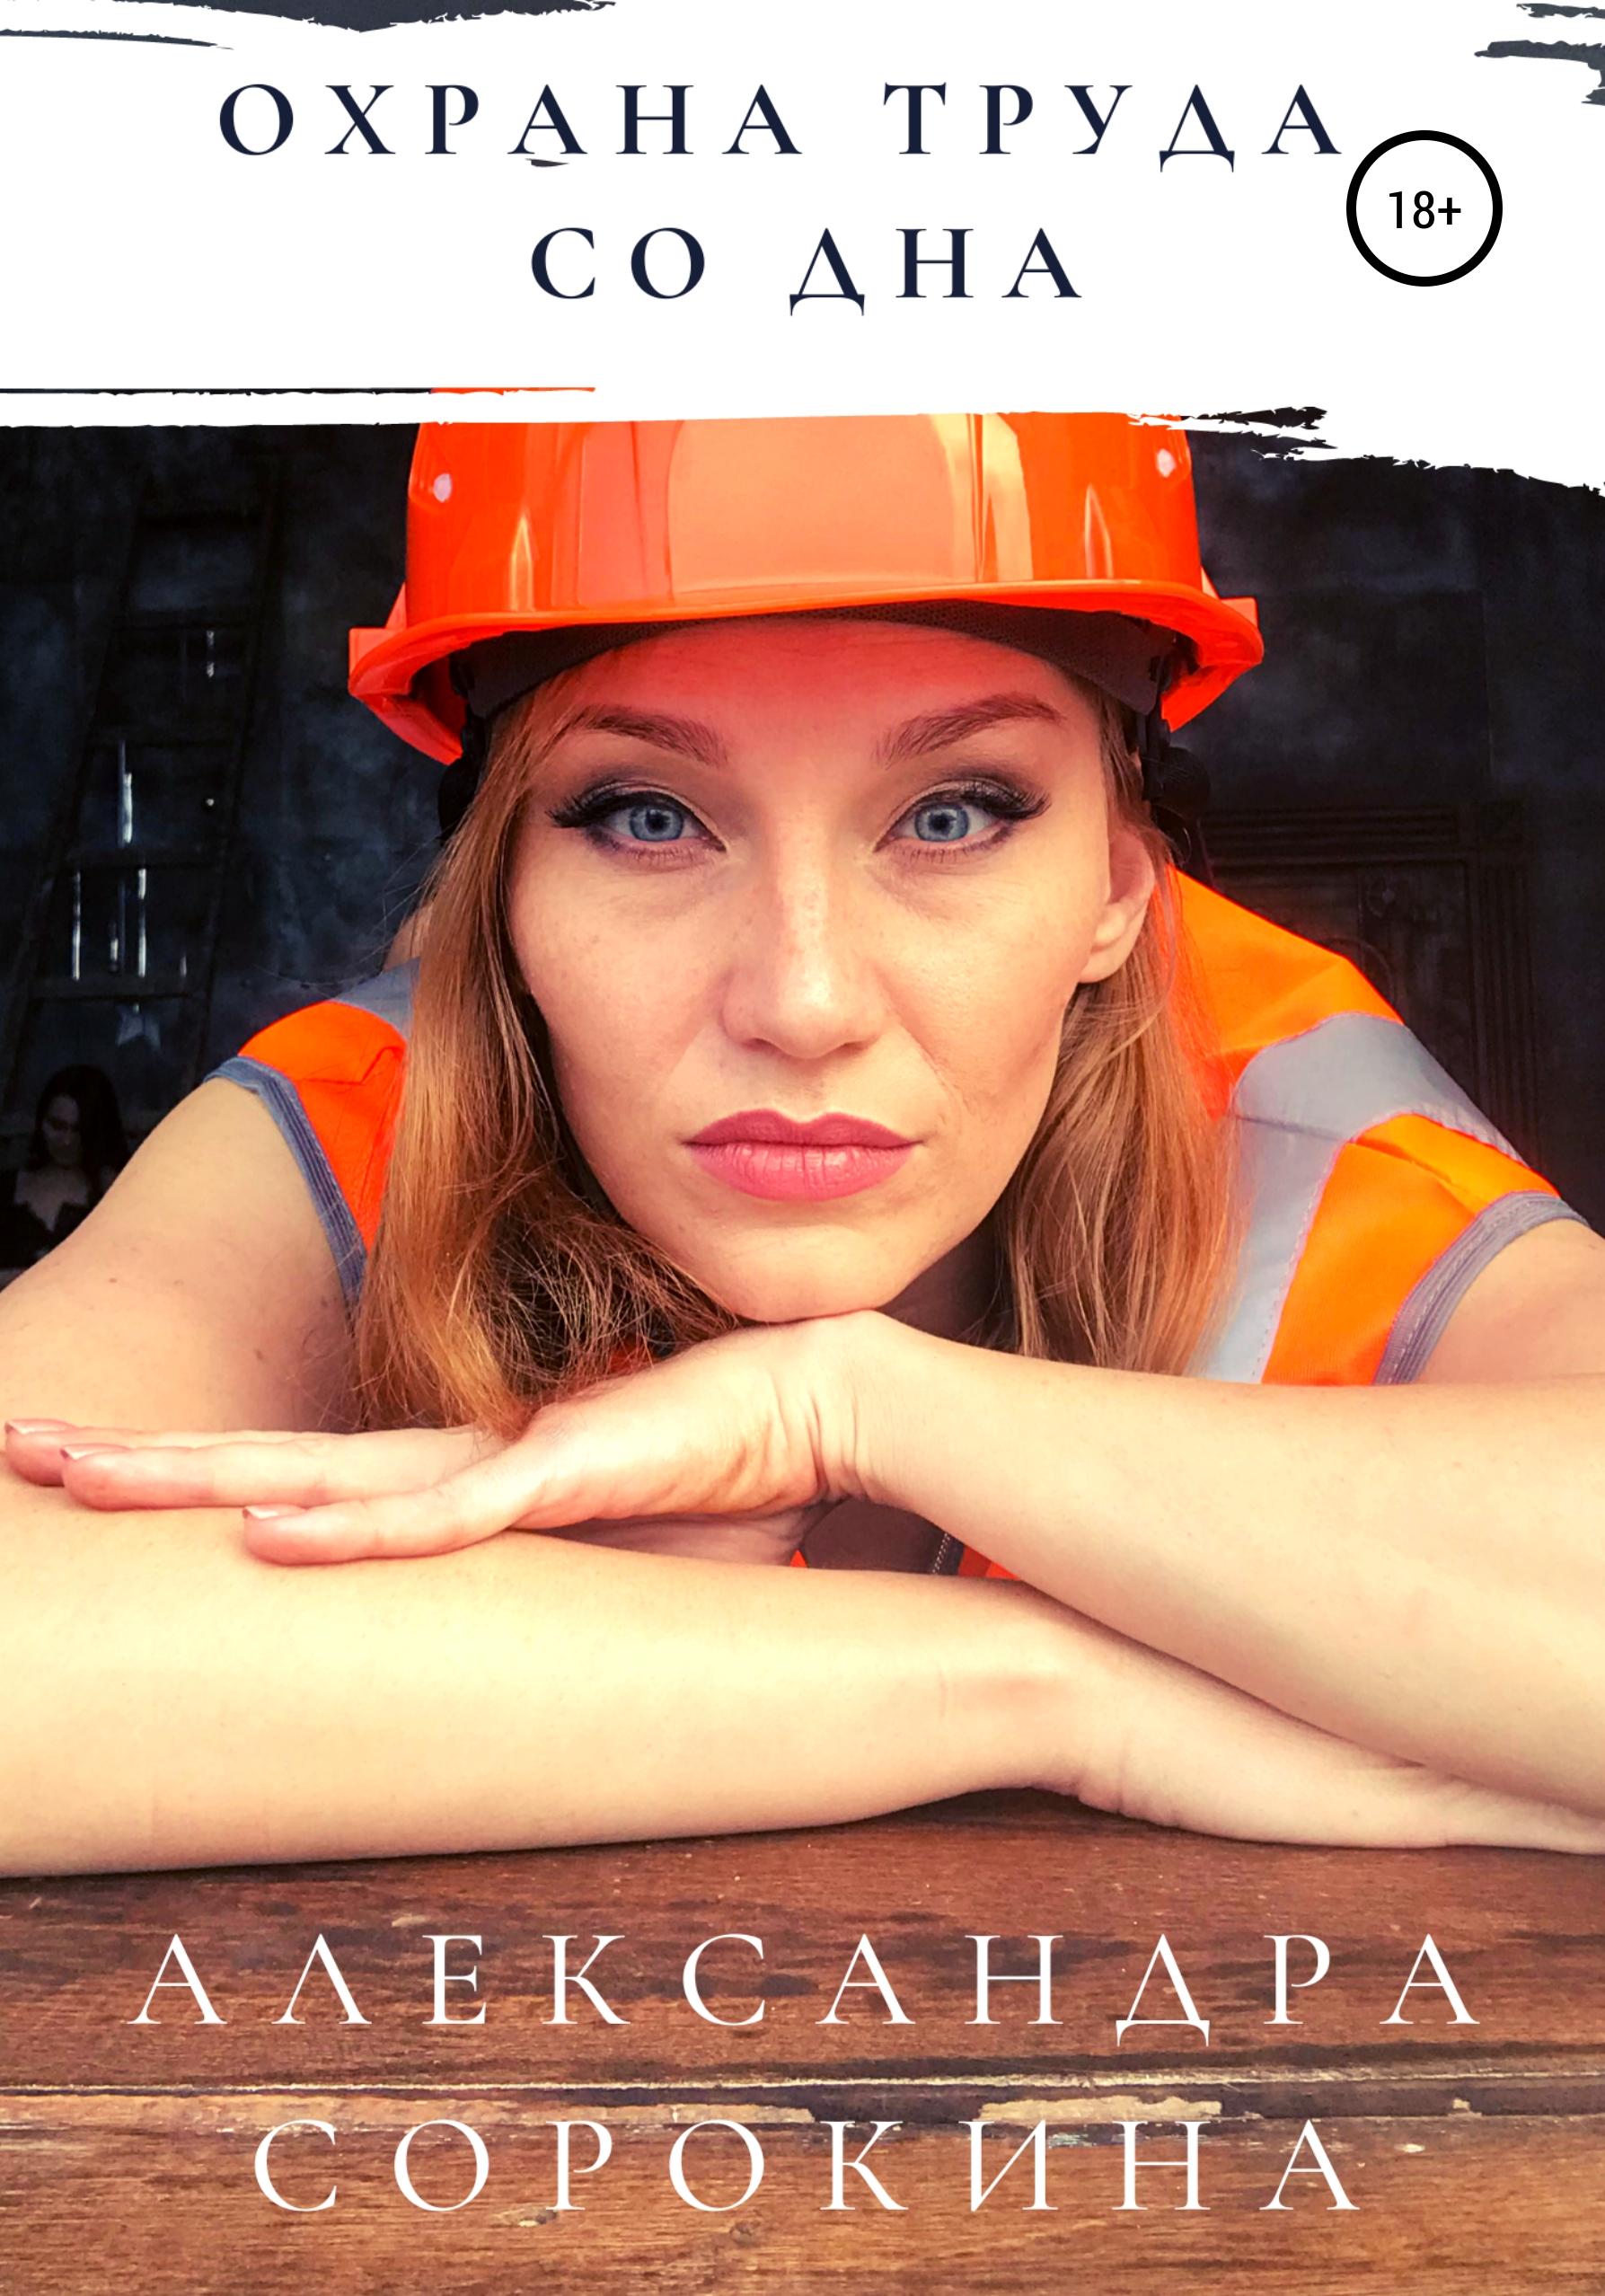 Александра Сергеевна Сорокина Охрана труда со дна александра евгеньевна сорокина внутри высоты